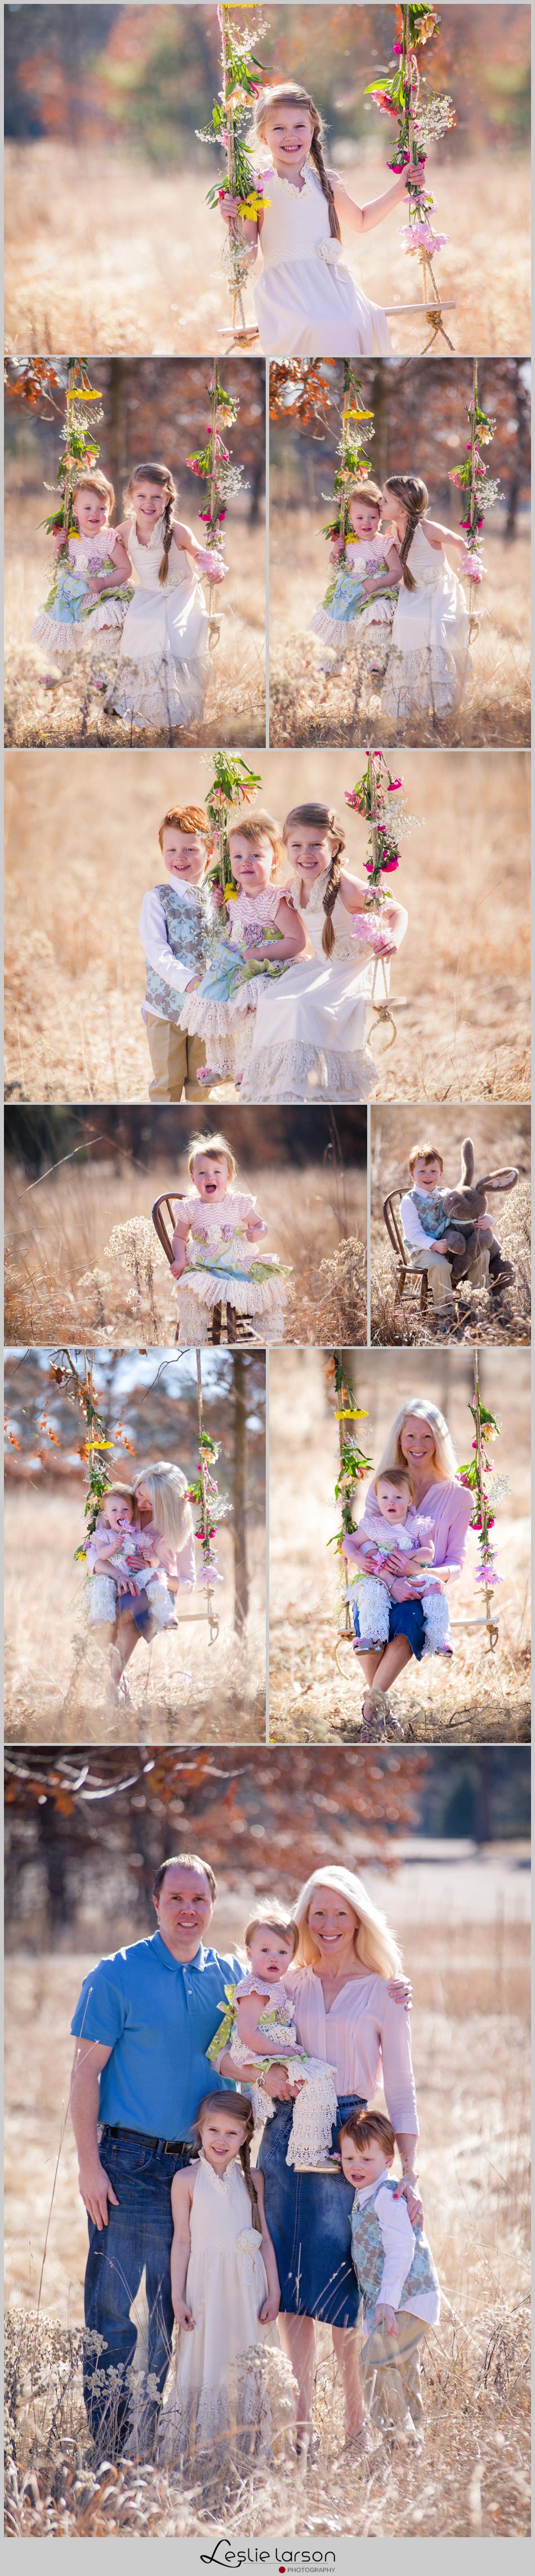 Easter Bunker Hills Leslie Larson Photography